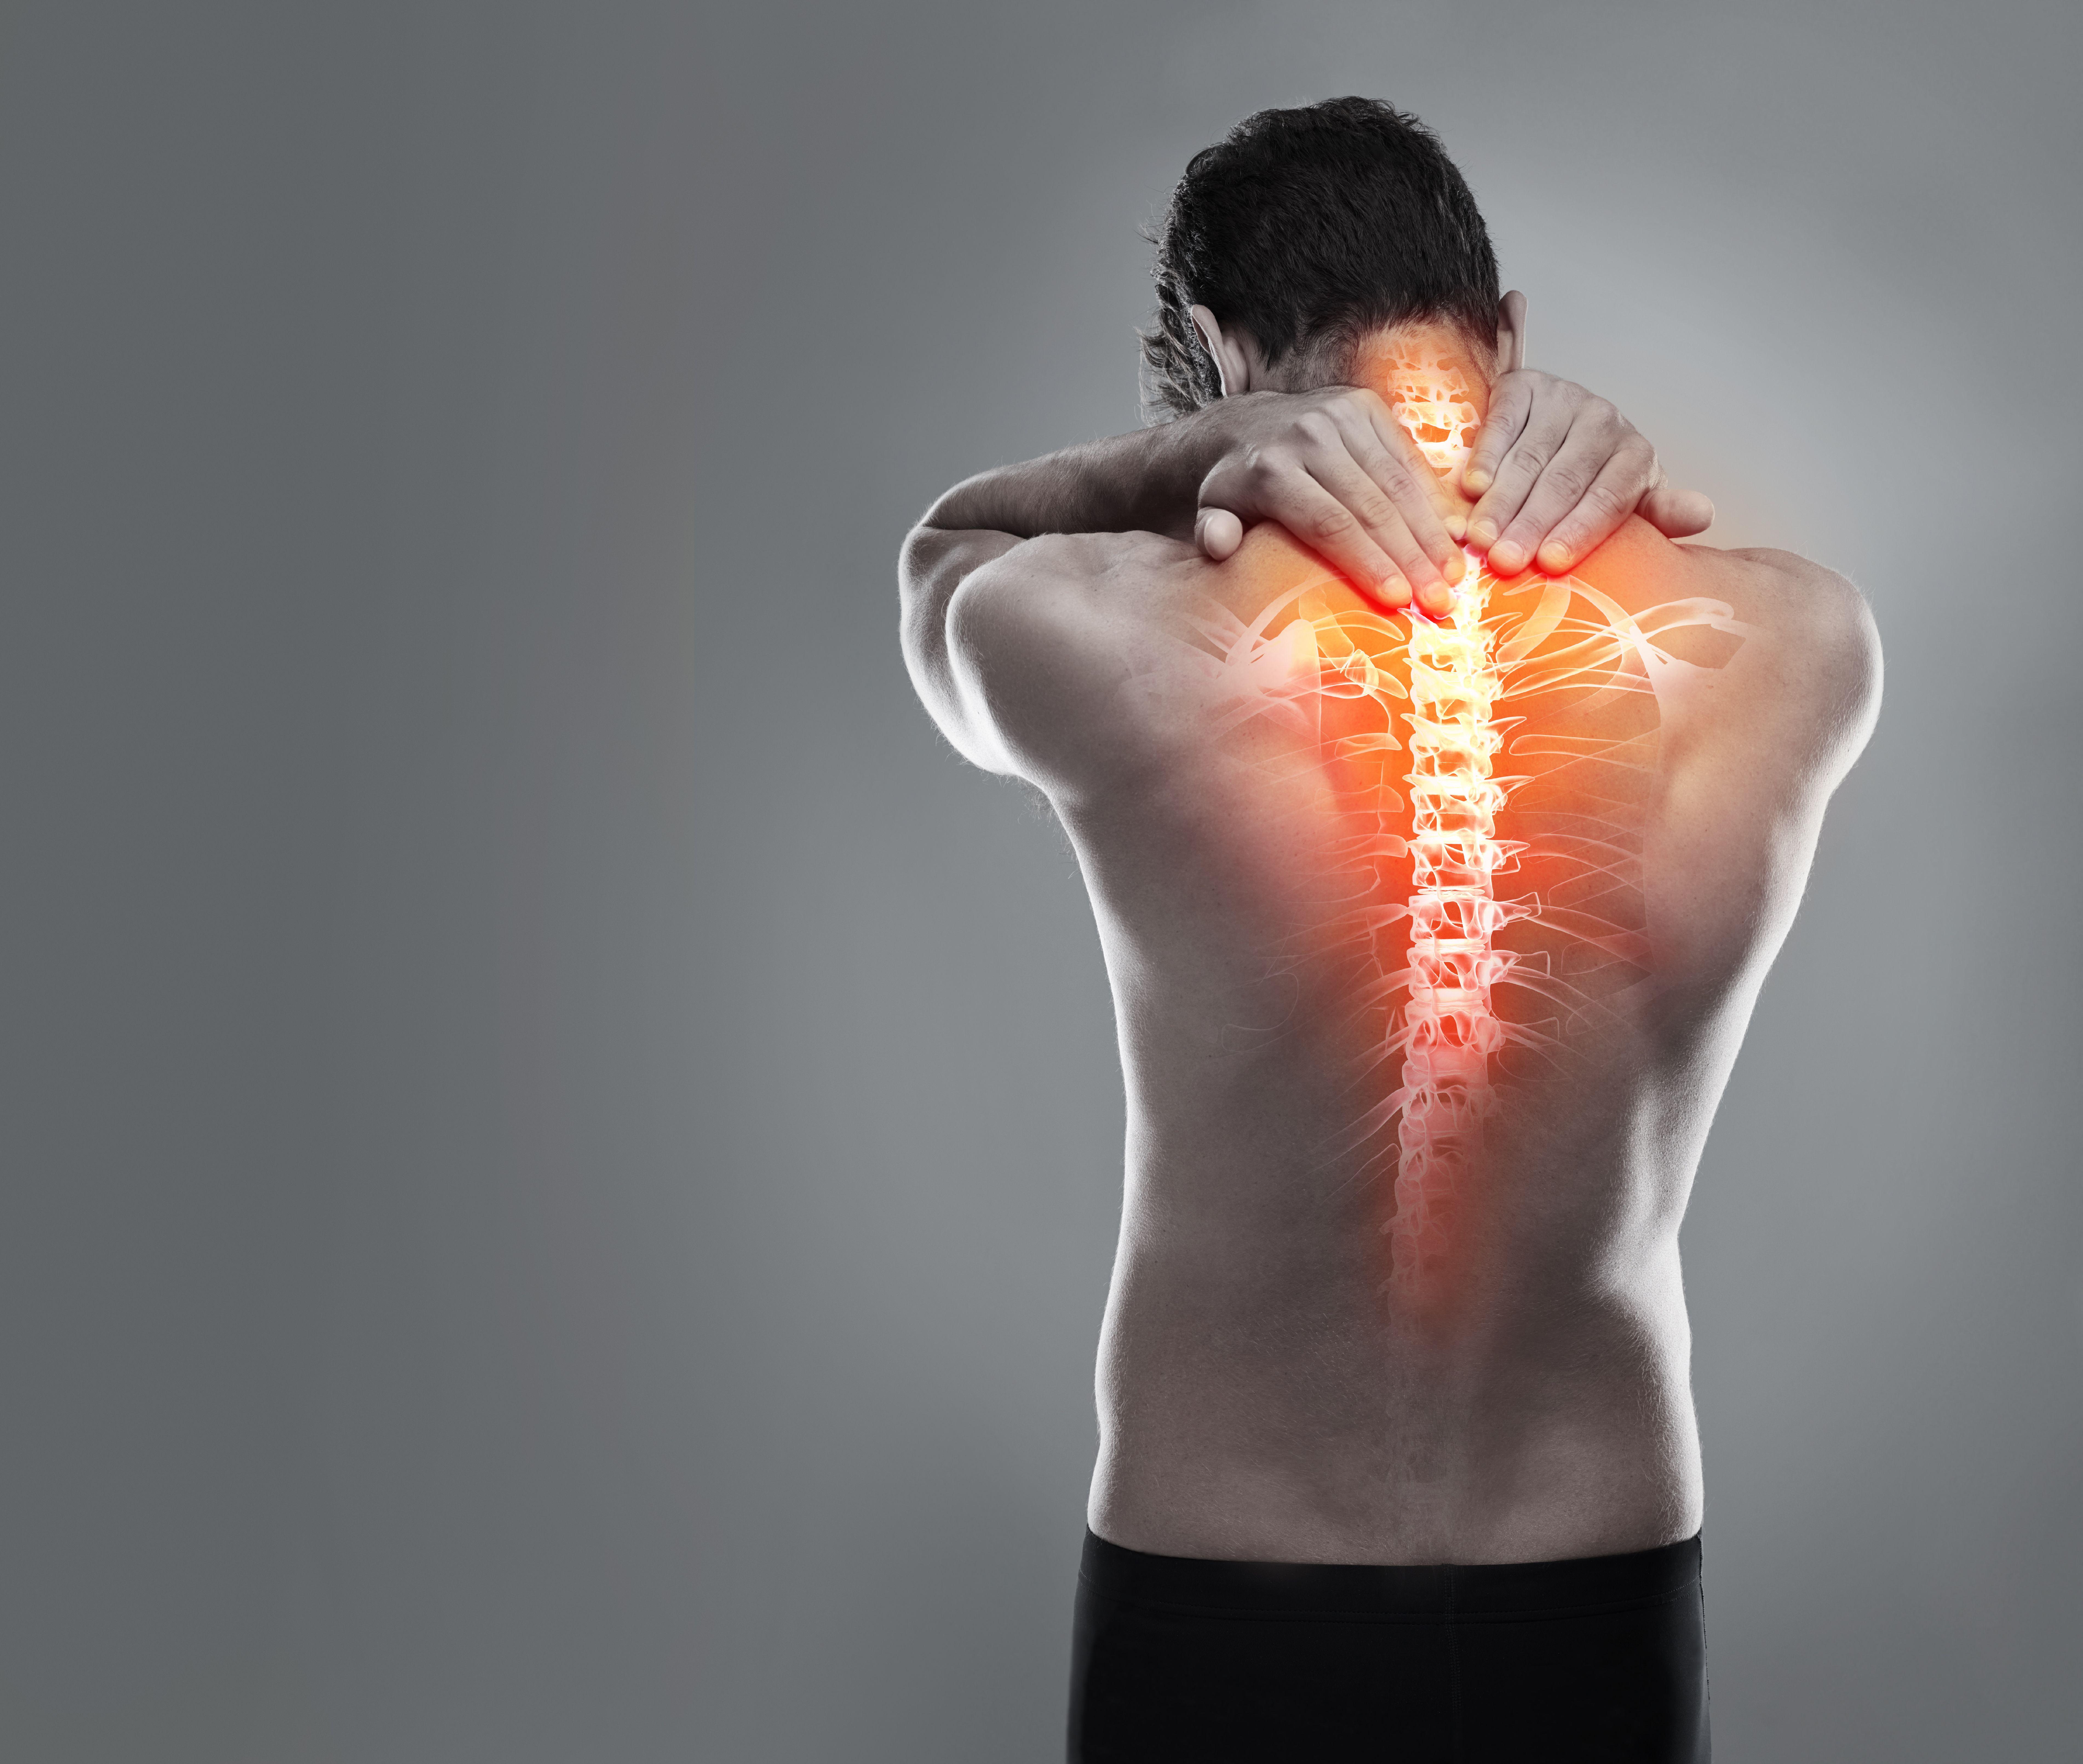 Centro de osteopatia en Zaragoza